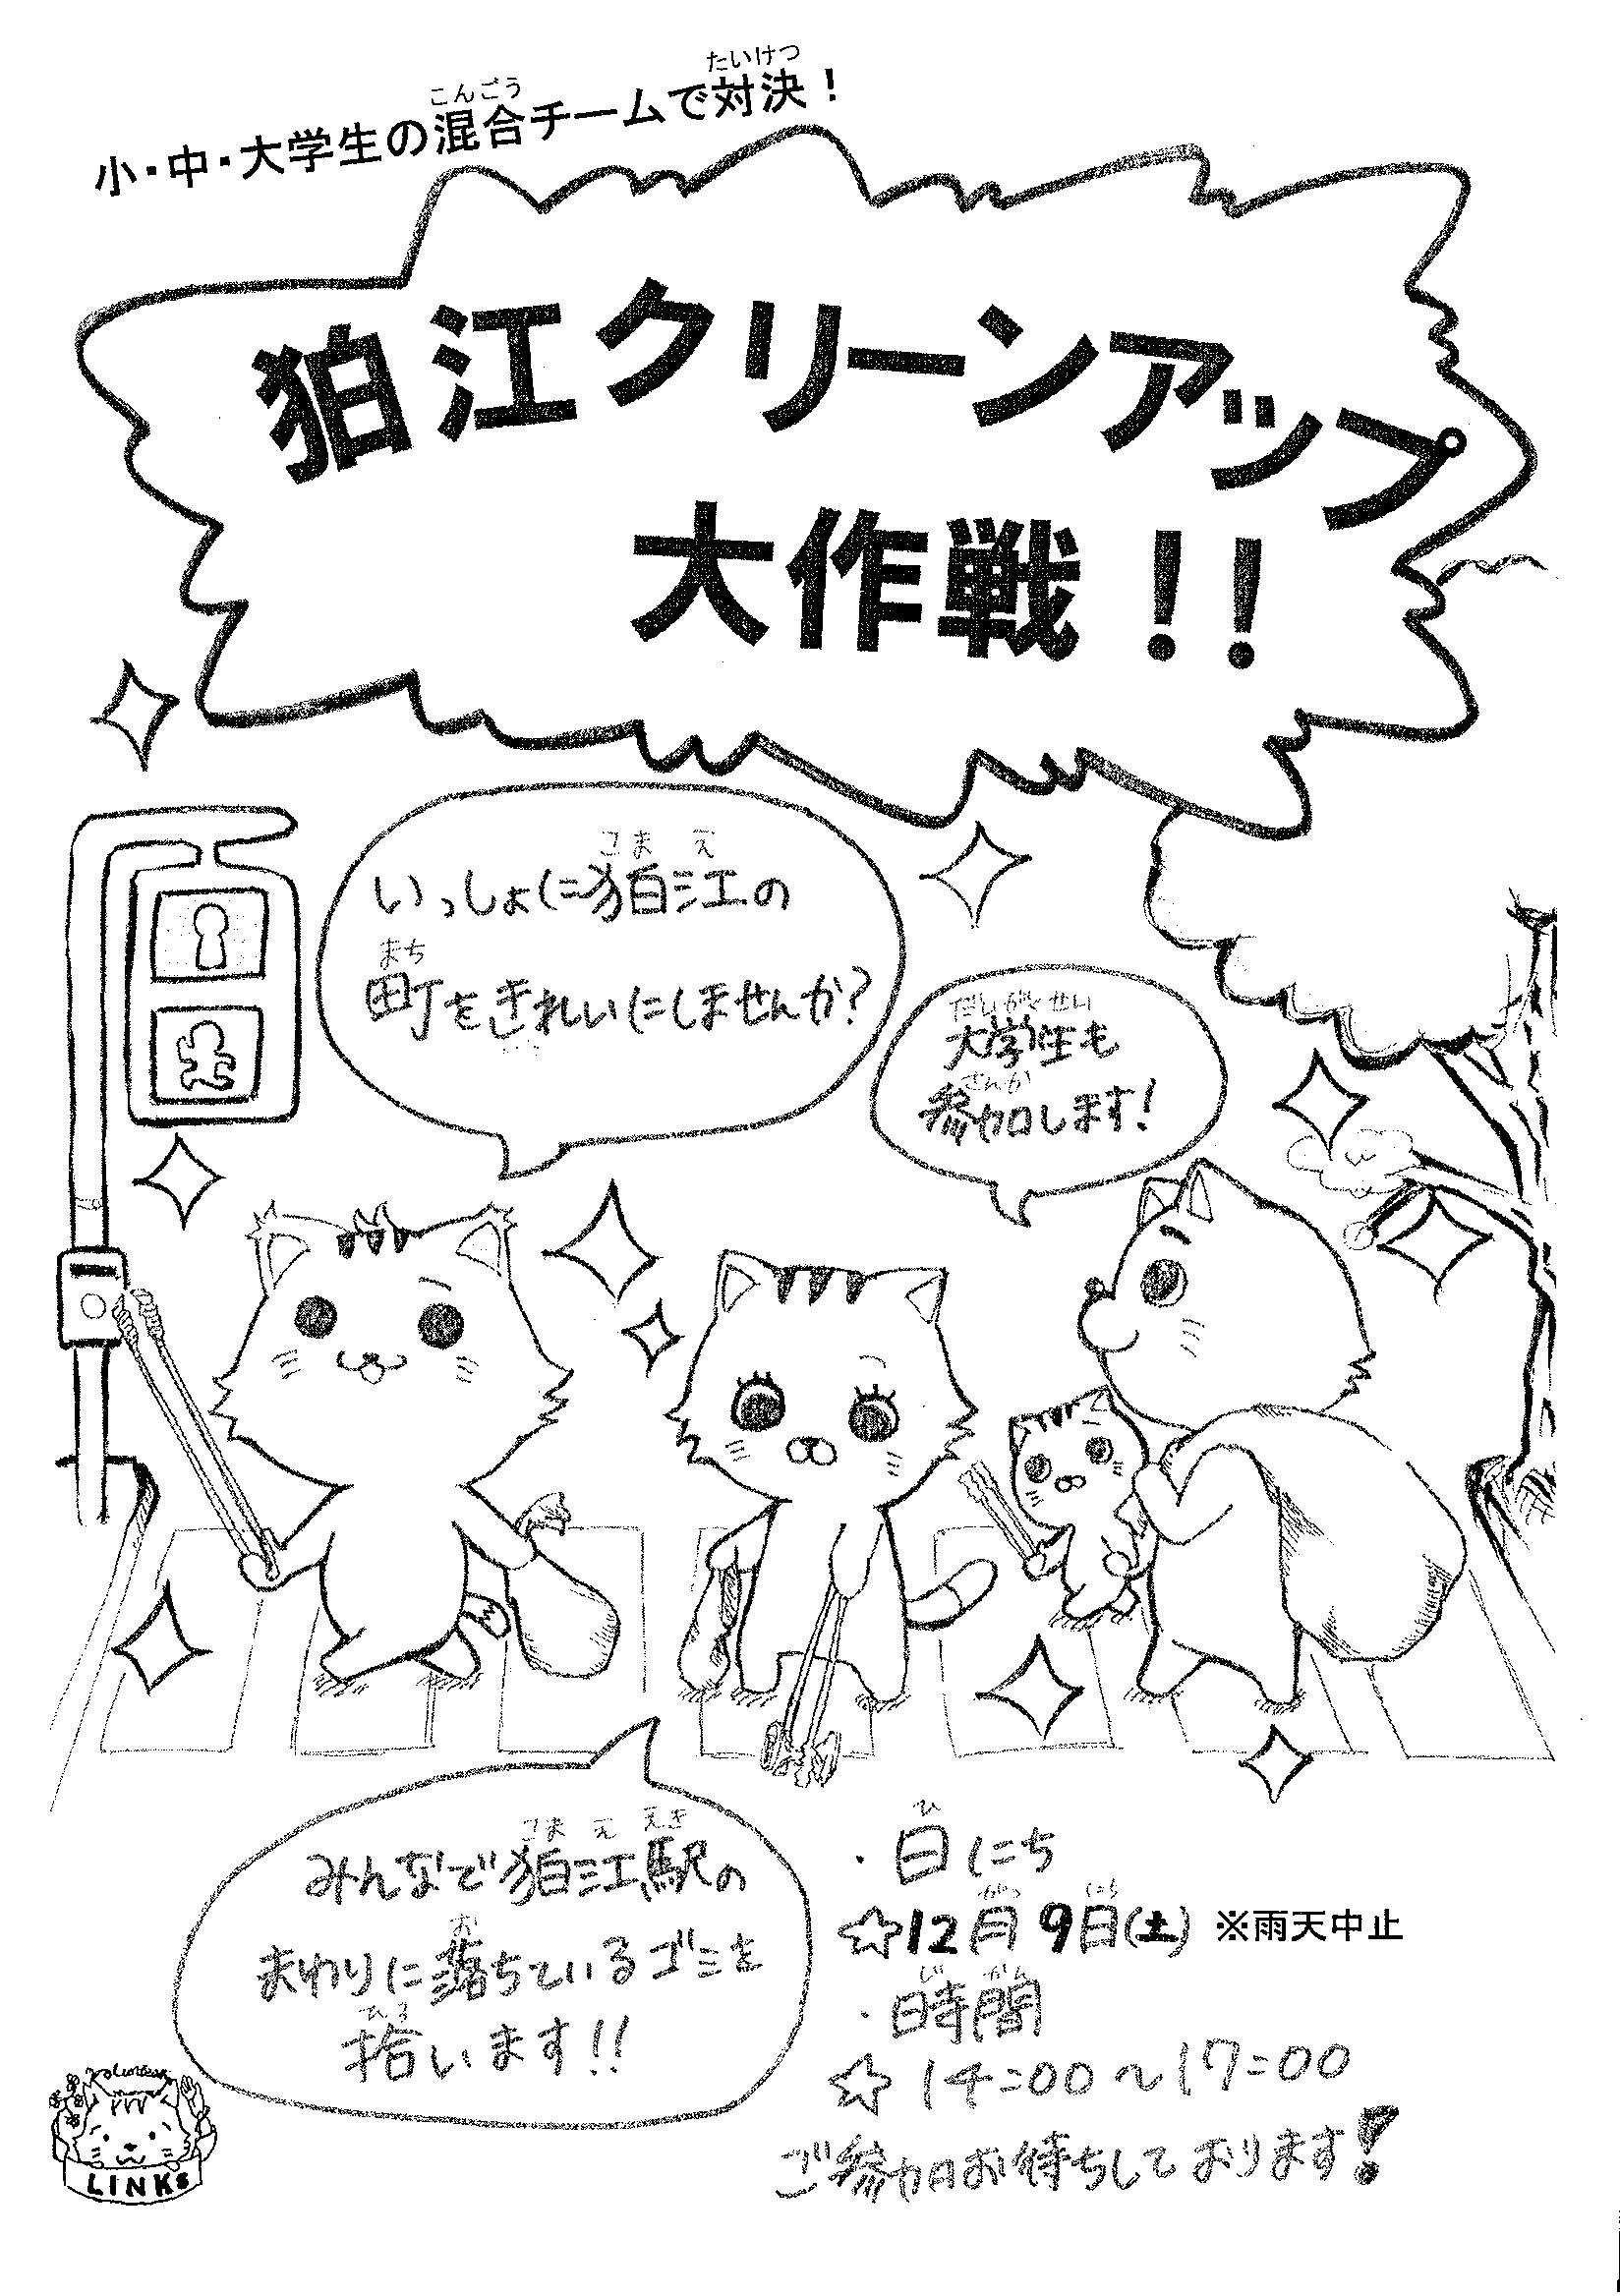 小・中・大学生で狛江クリーンアップ大作戦! @ 狛江市市民活動支援センター(こまえくぼ1234) | 狛江市 | 東京都 | 日本